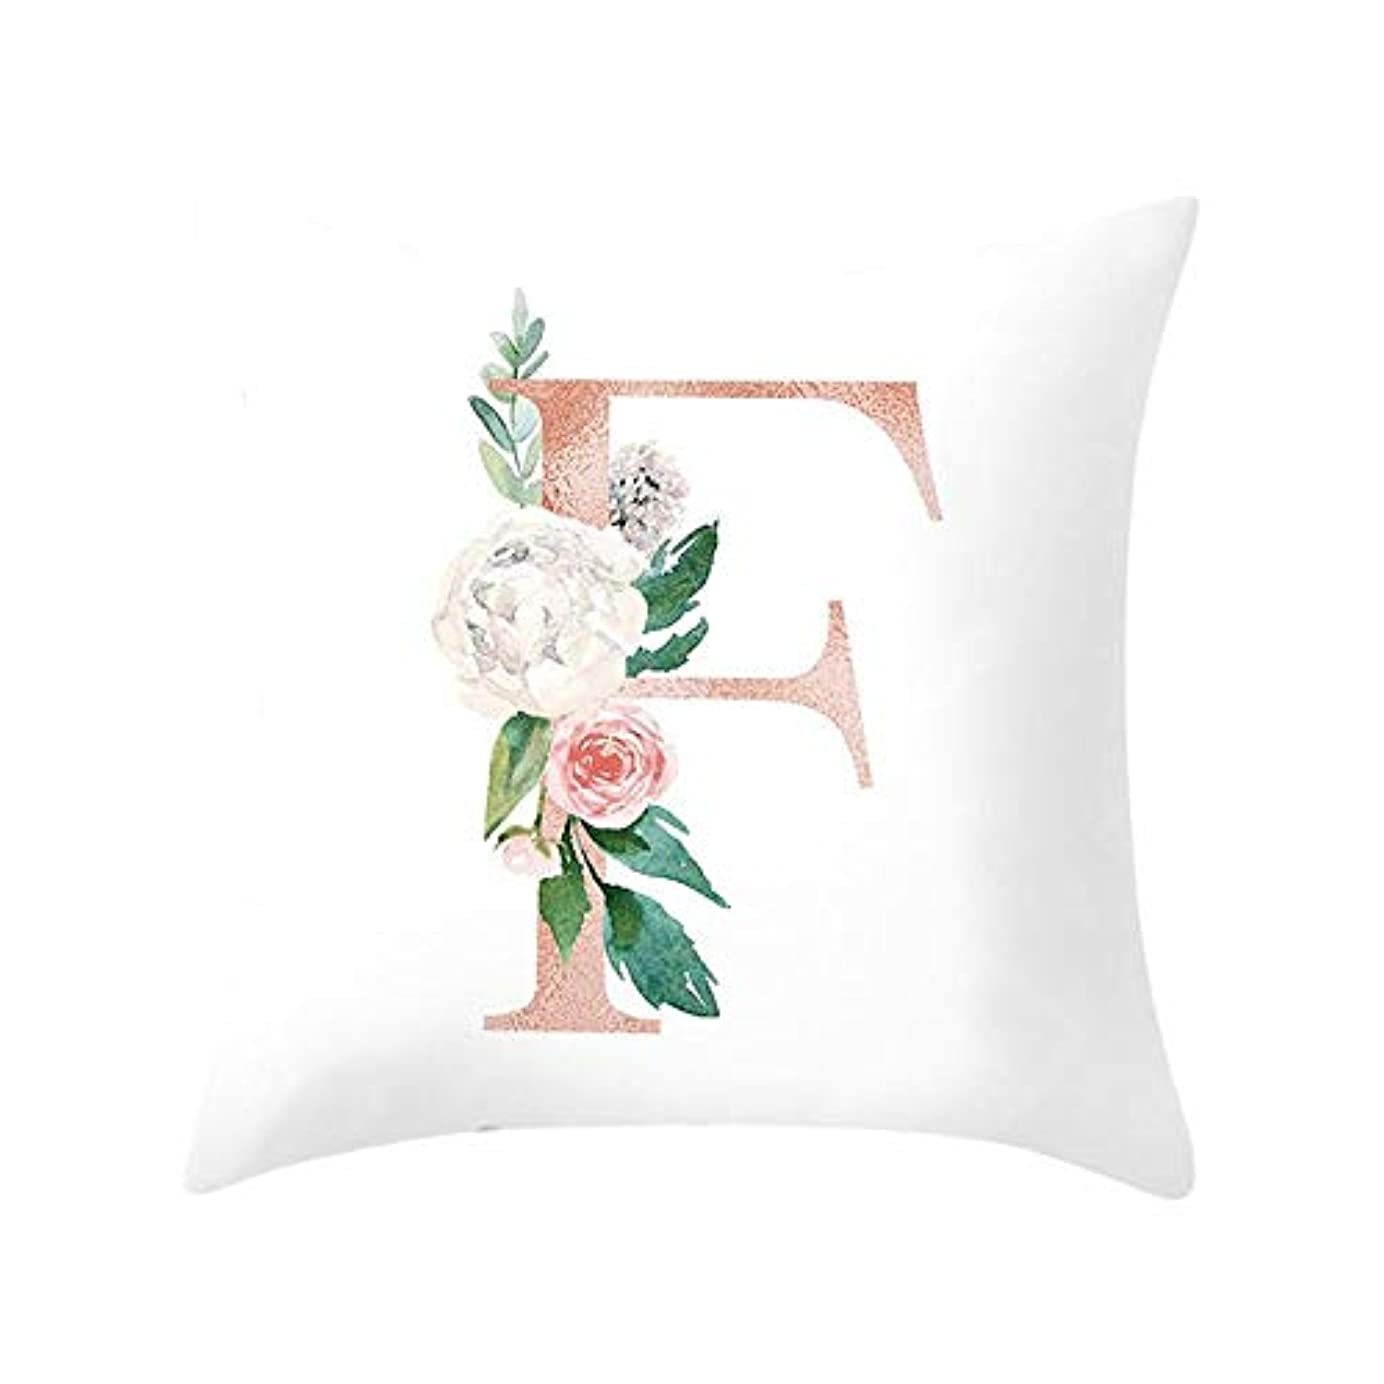 ハムマガジン熱帯のLIFE 装飾クッションソファ手紙枕アルファベットクッション印刷ソファ家の装飾の花枕 coussin decoratif クッション 椅子